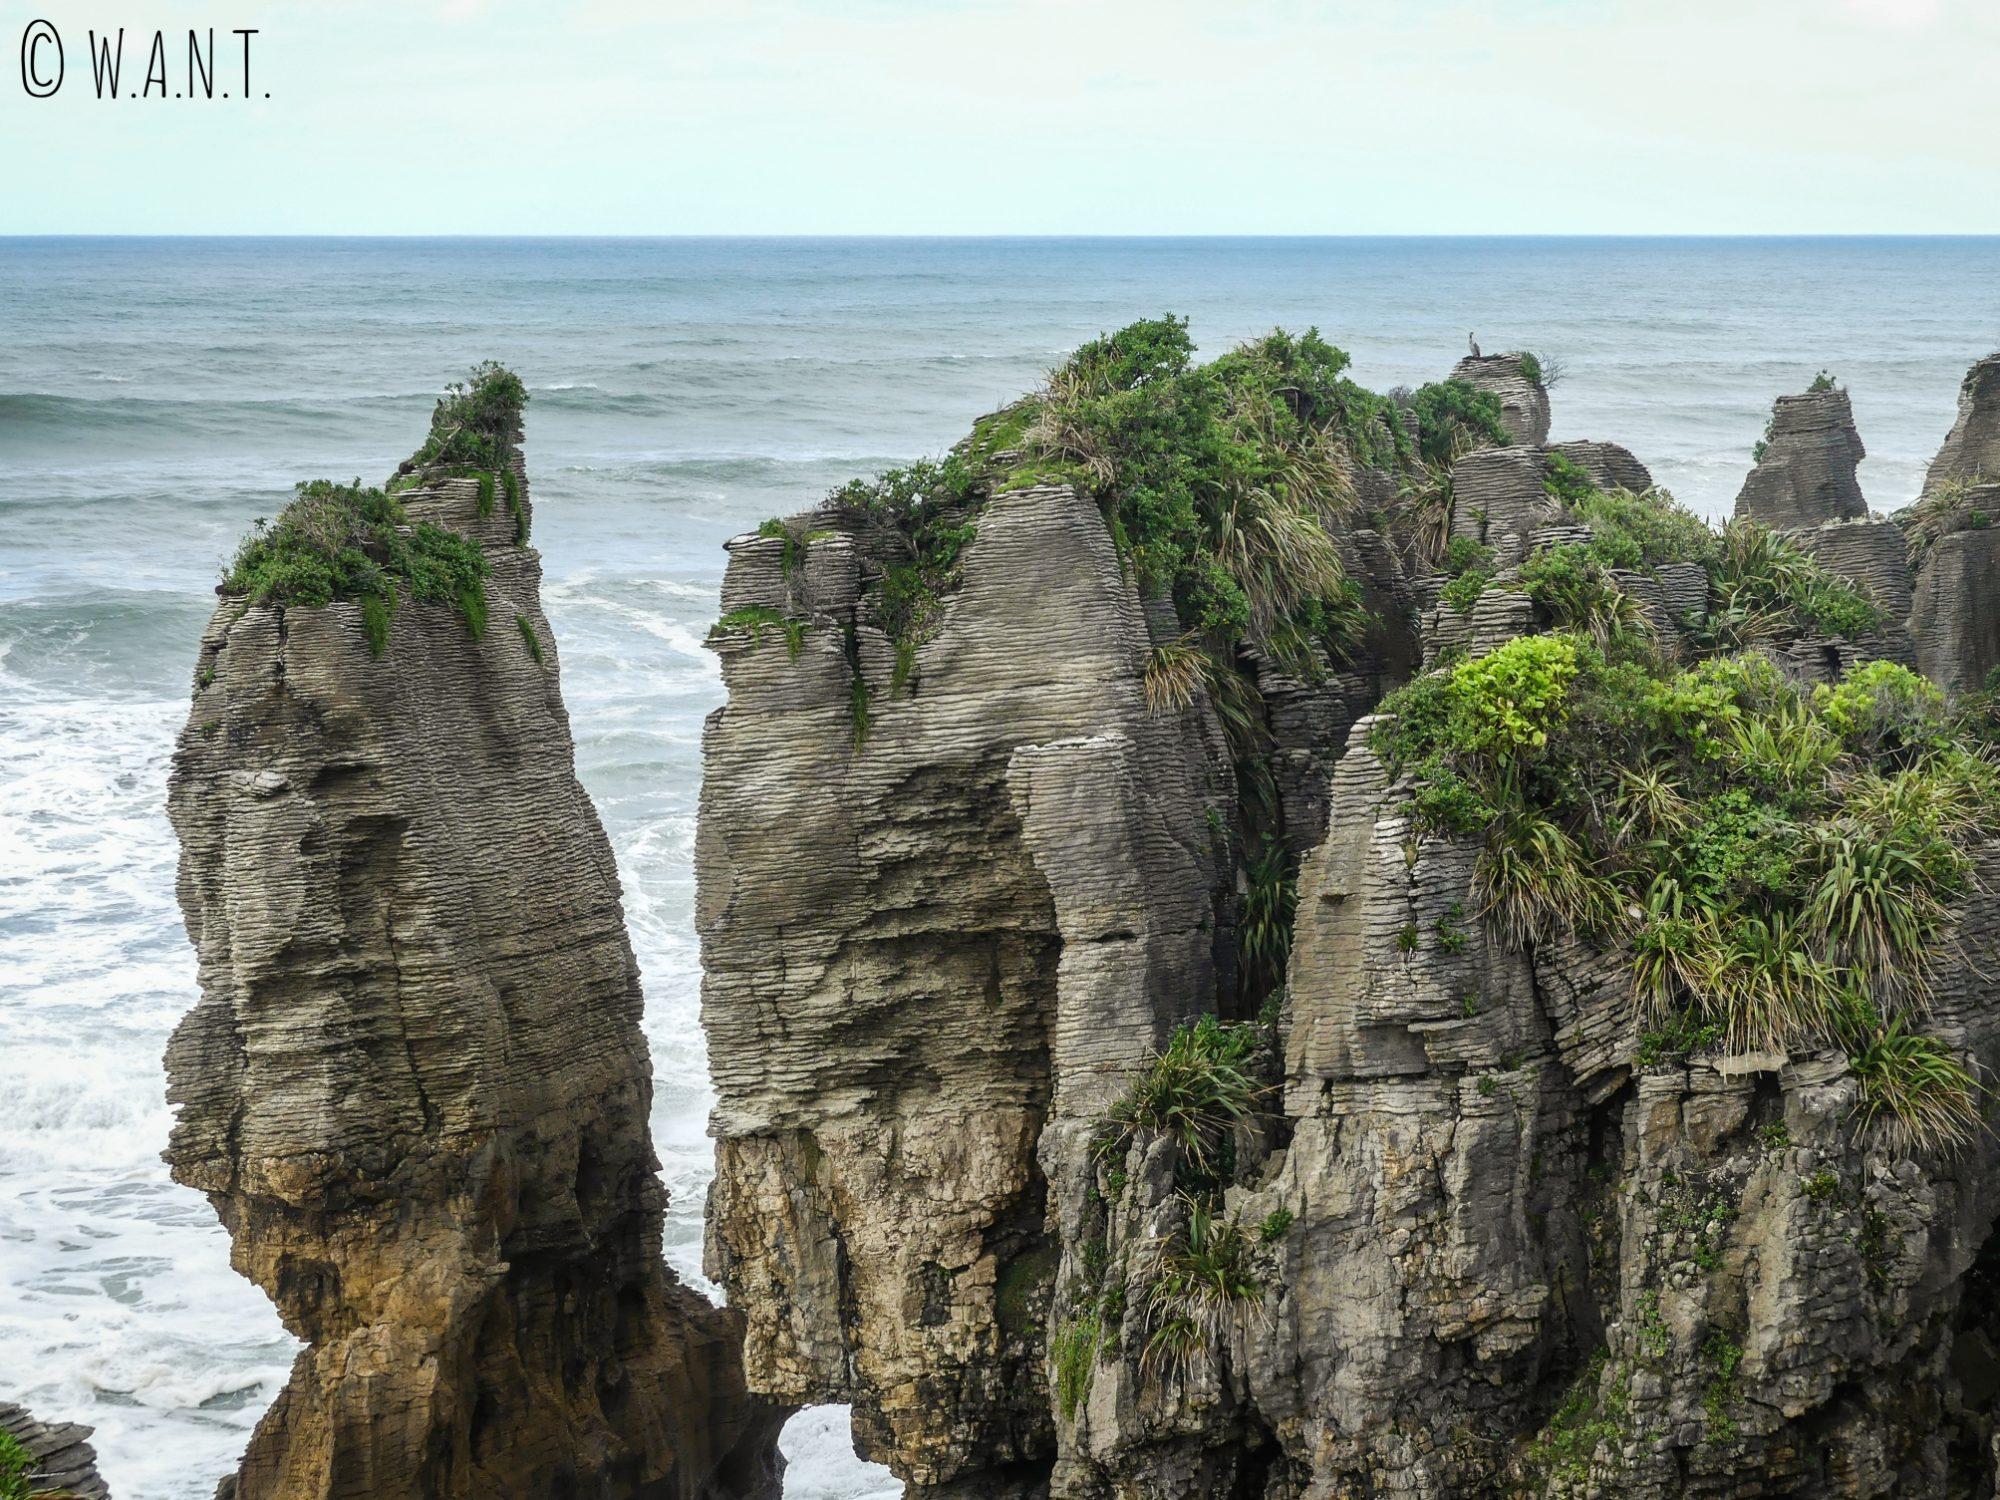 La végétation reprend ses droits sur les Pancake Rocks en Nouvelle-Zélande